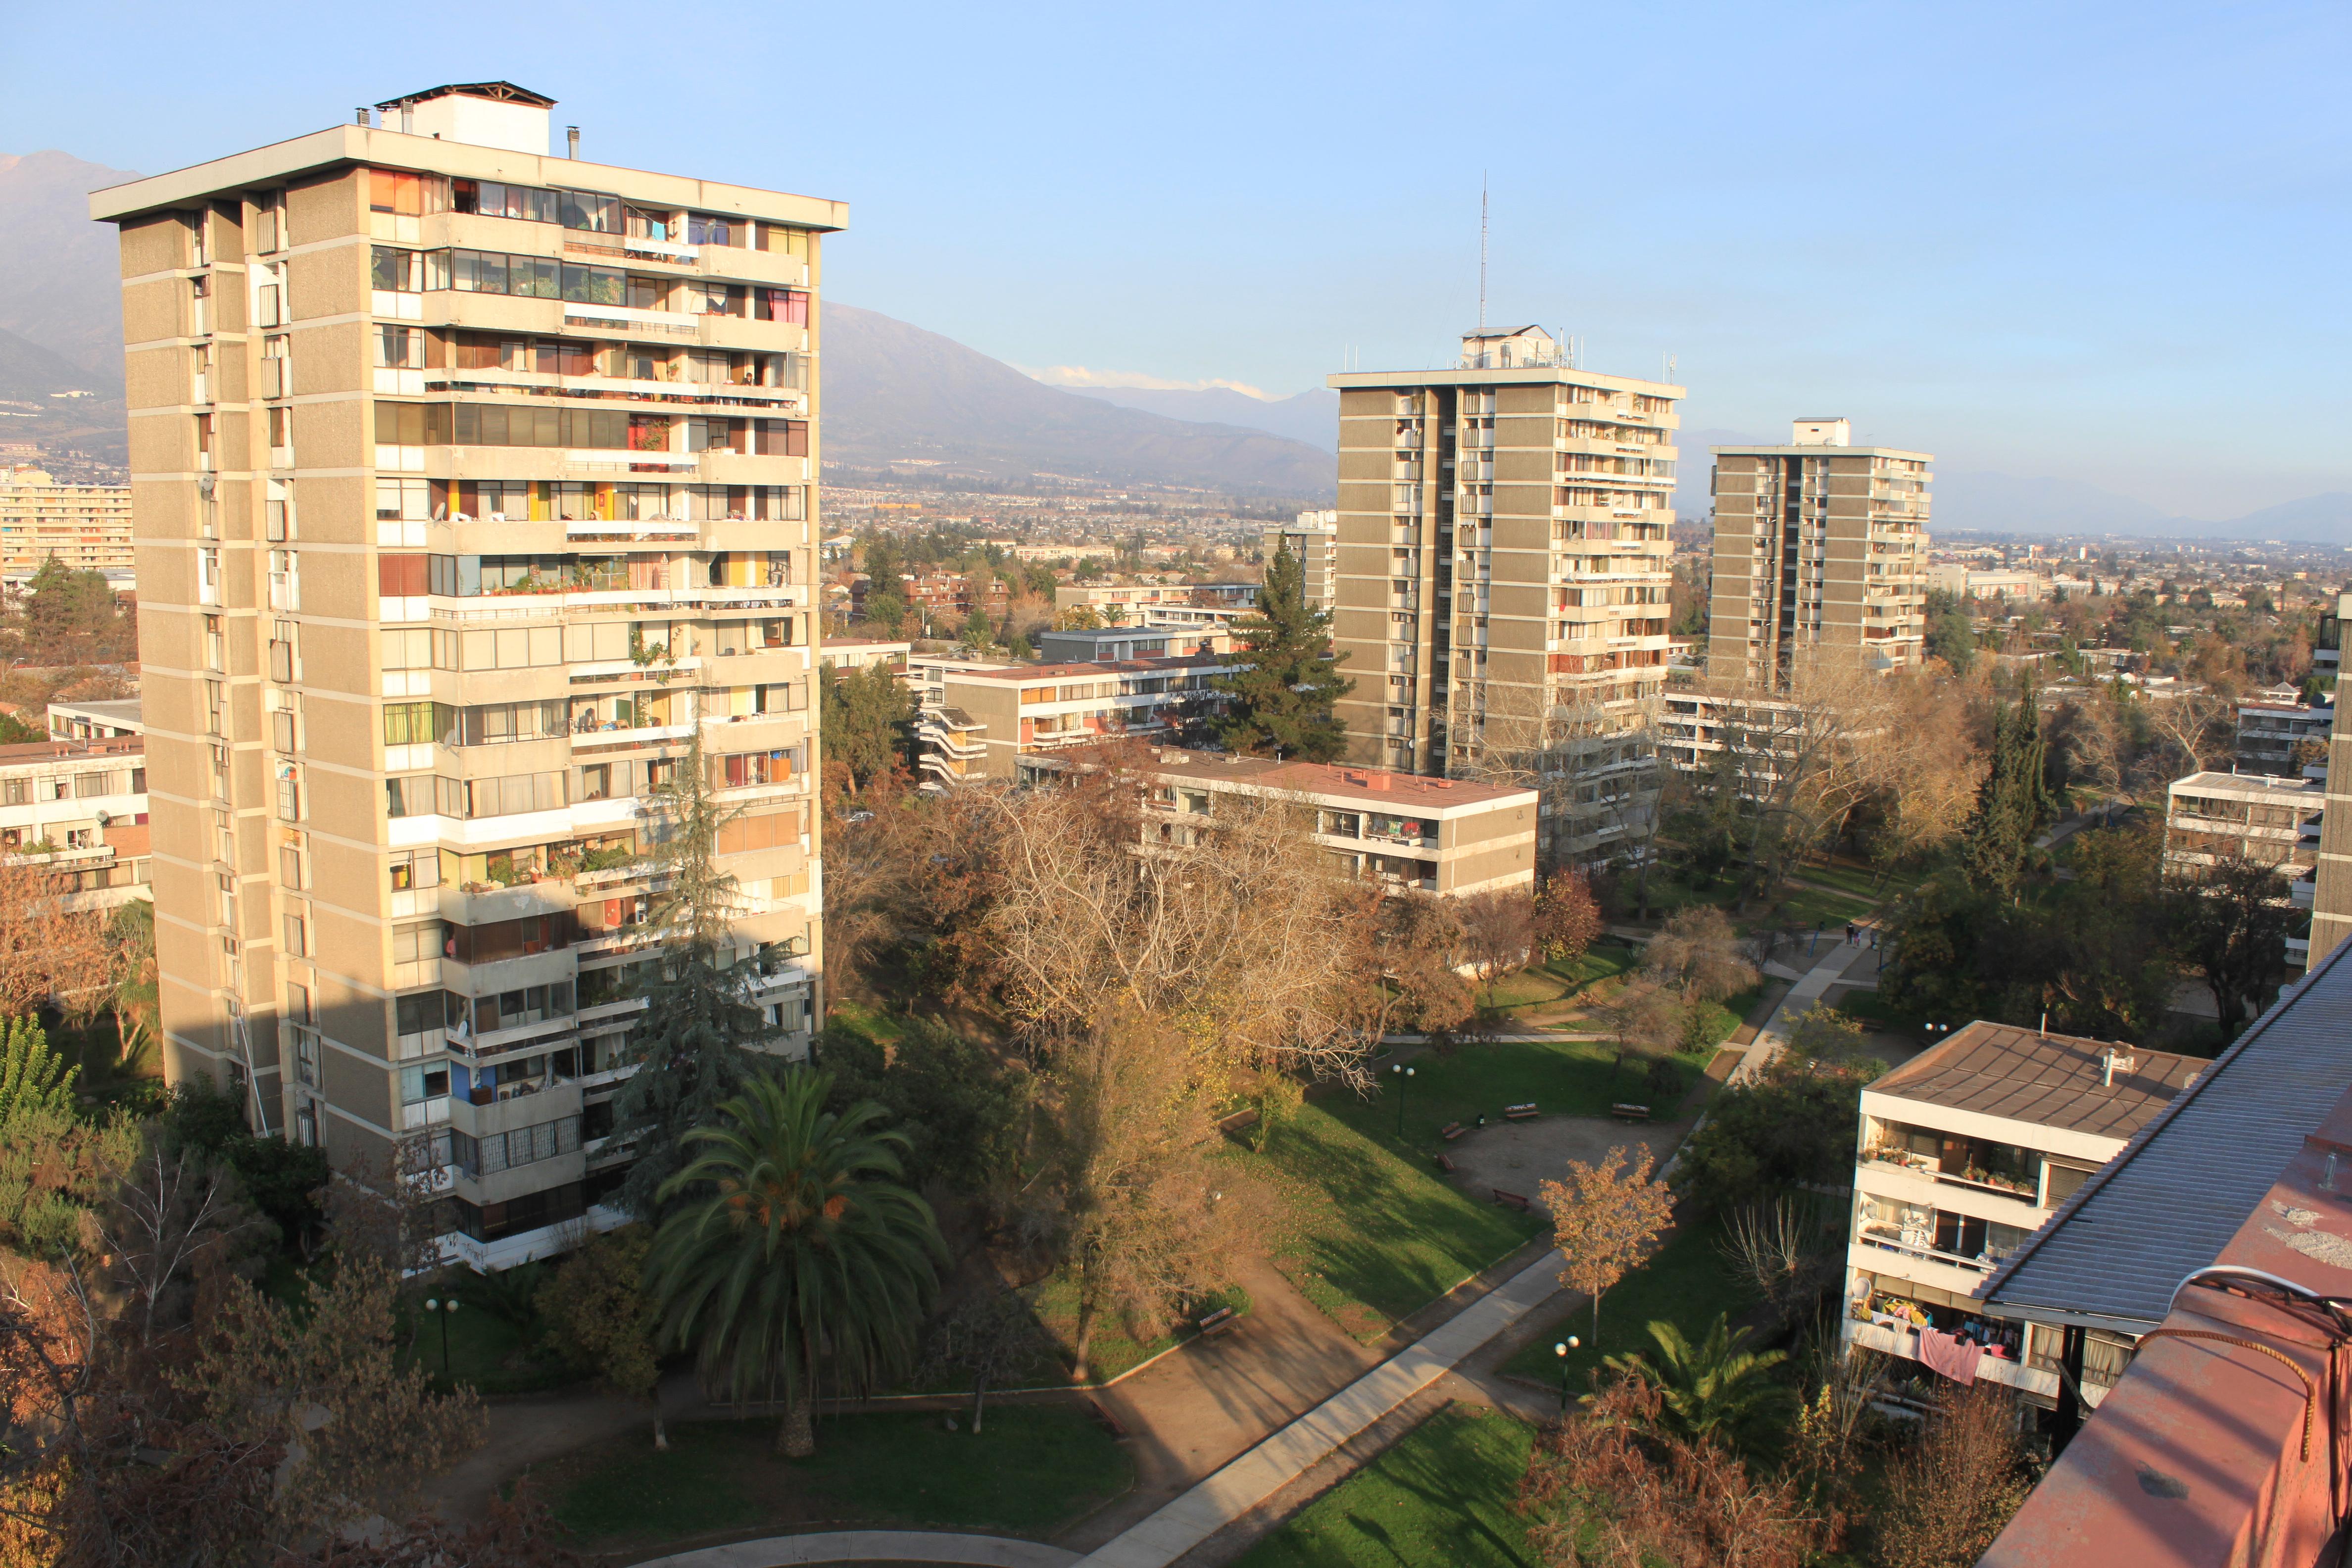 Villa Frei, Ñuñoa. ©Carolina Olmedo Carrasco, vía Wikimedia Commons.